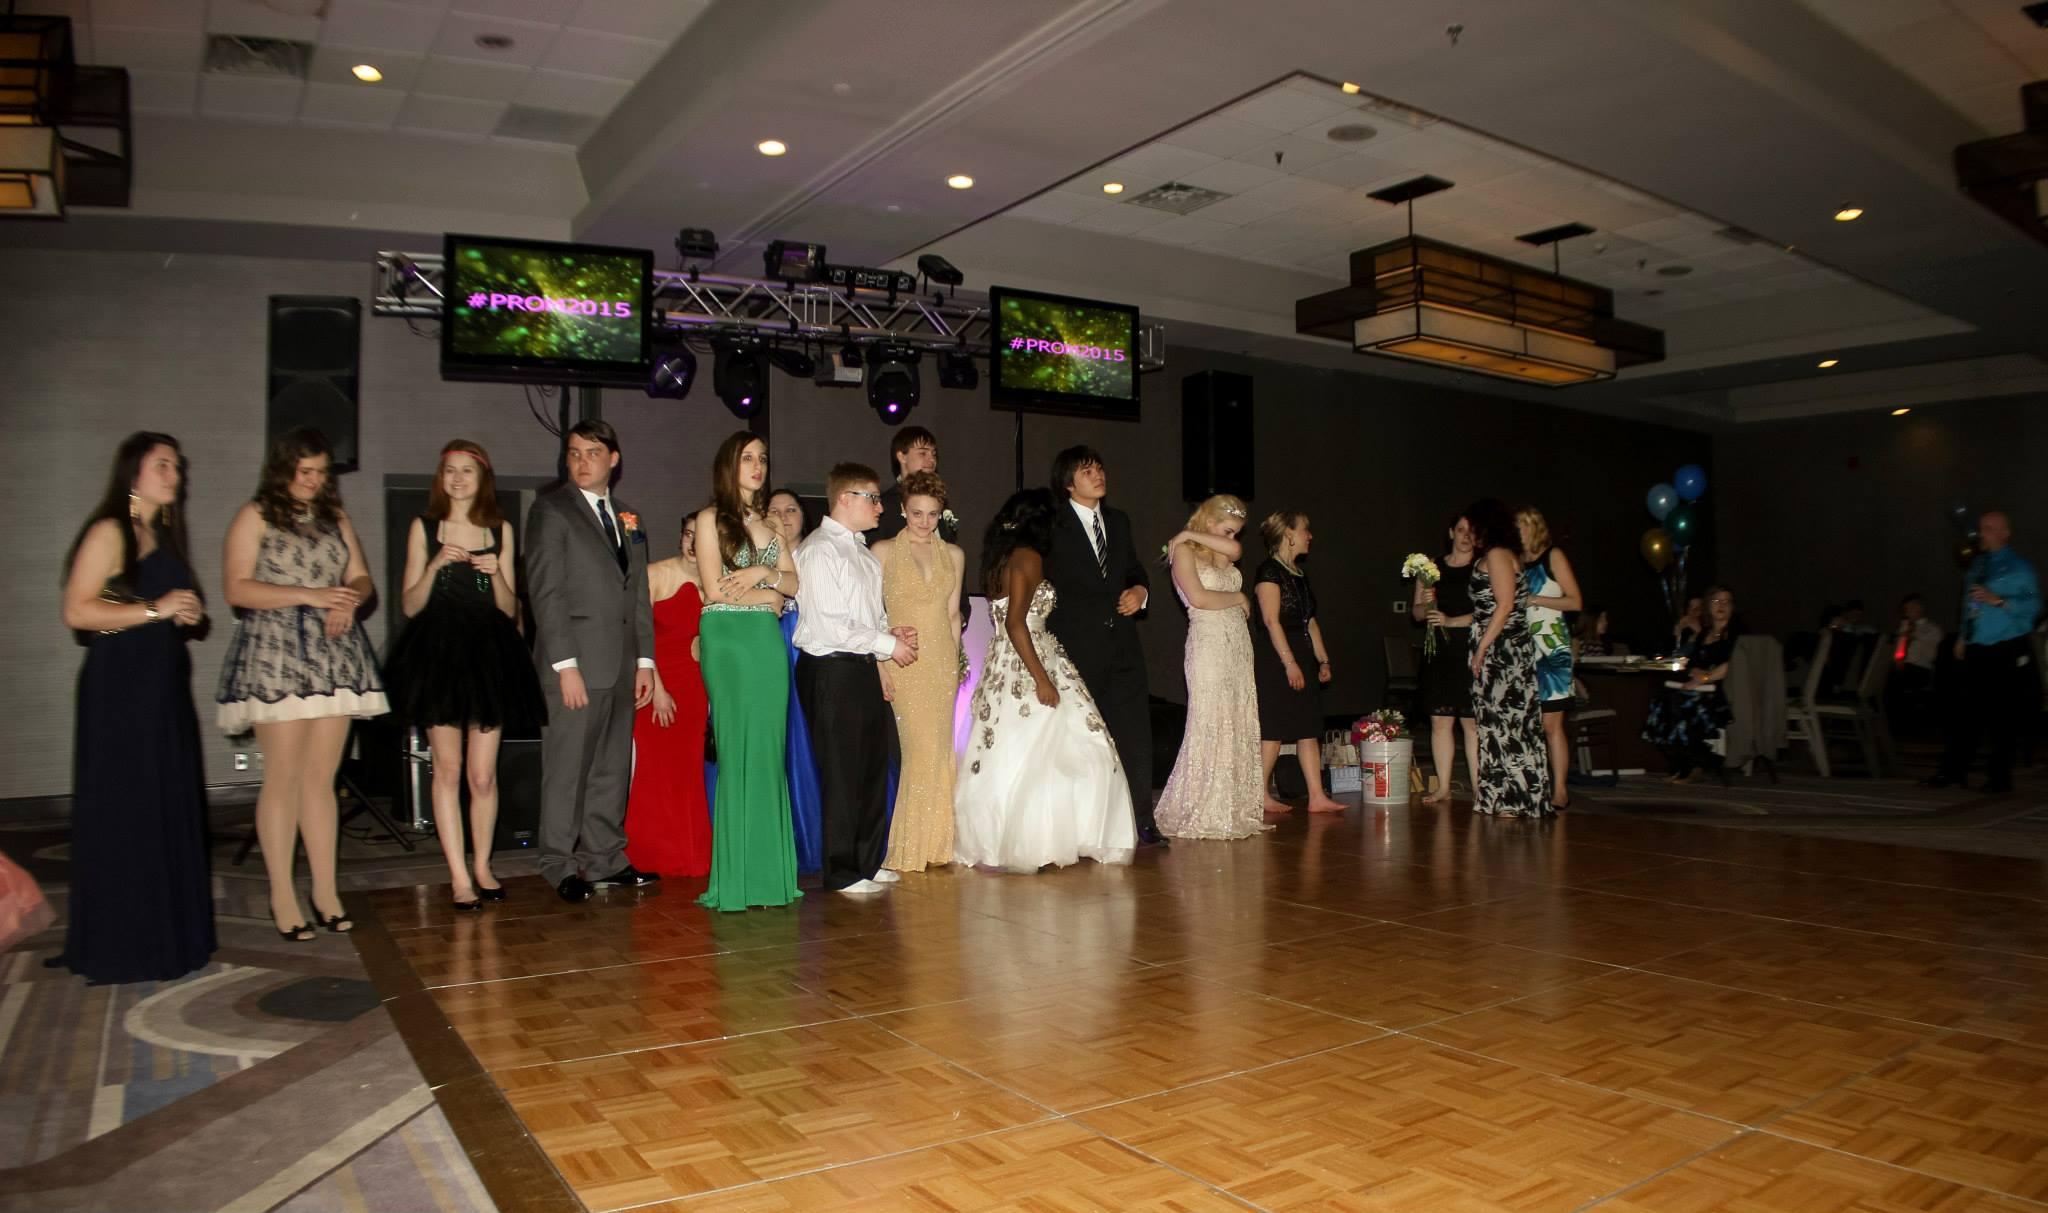 NHA Prom Night - 2015